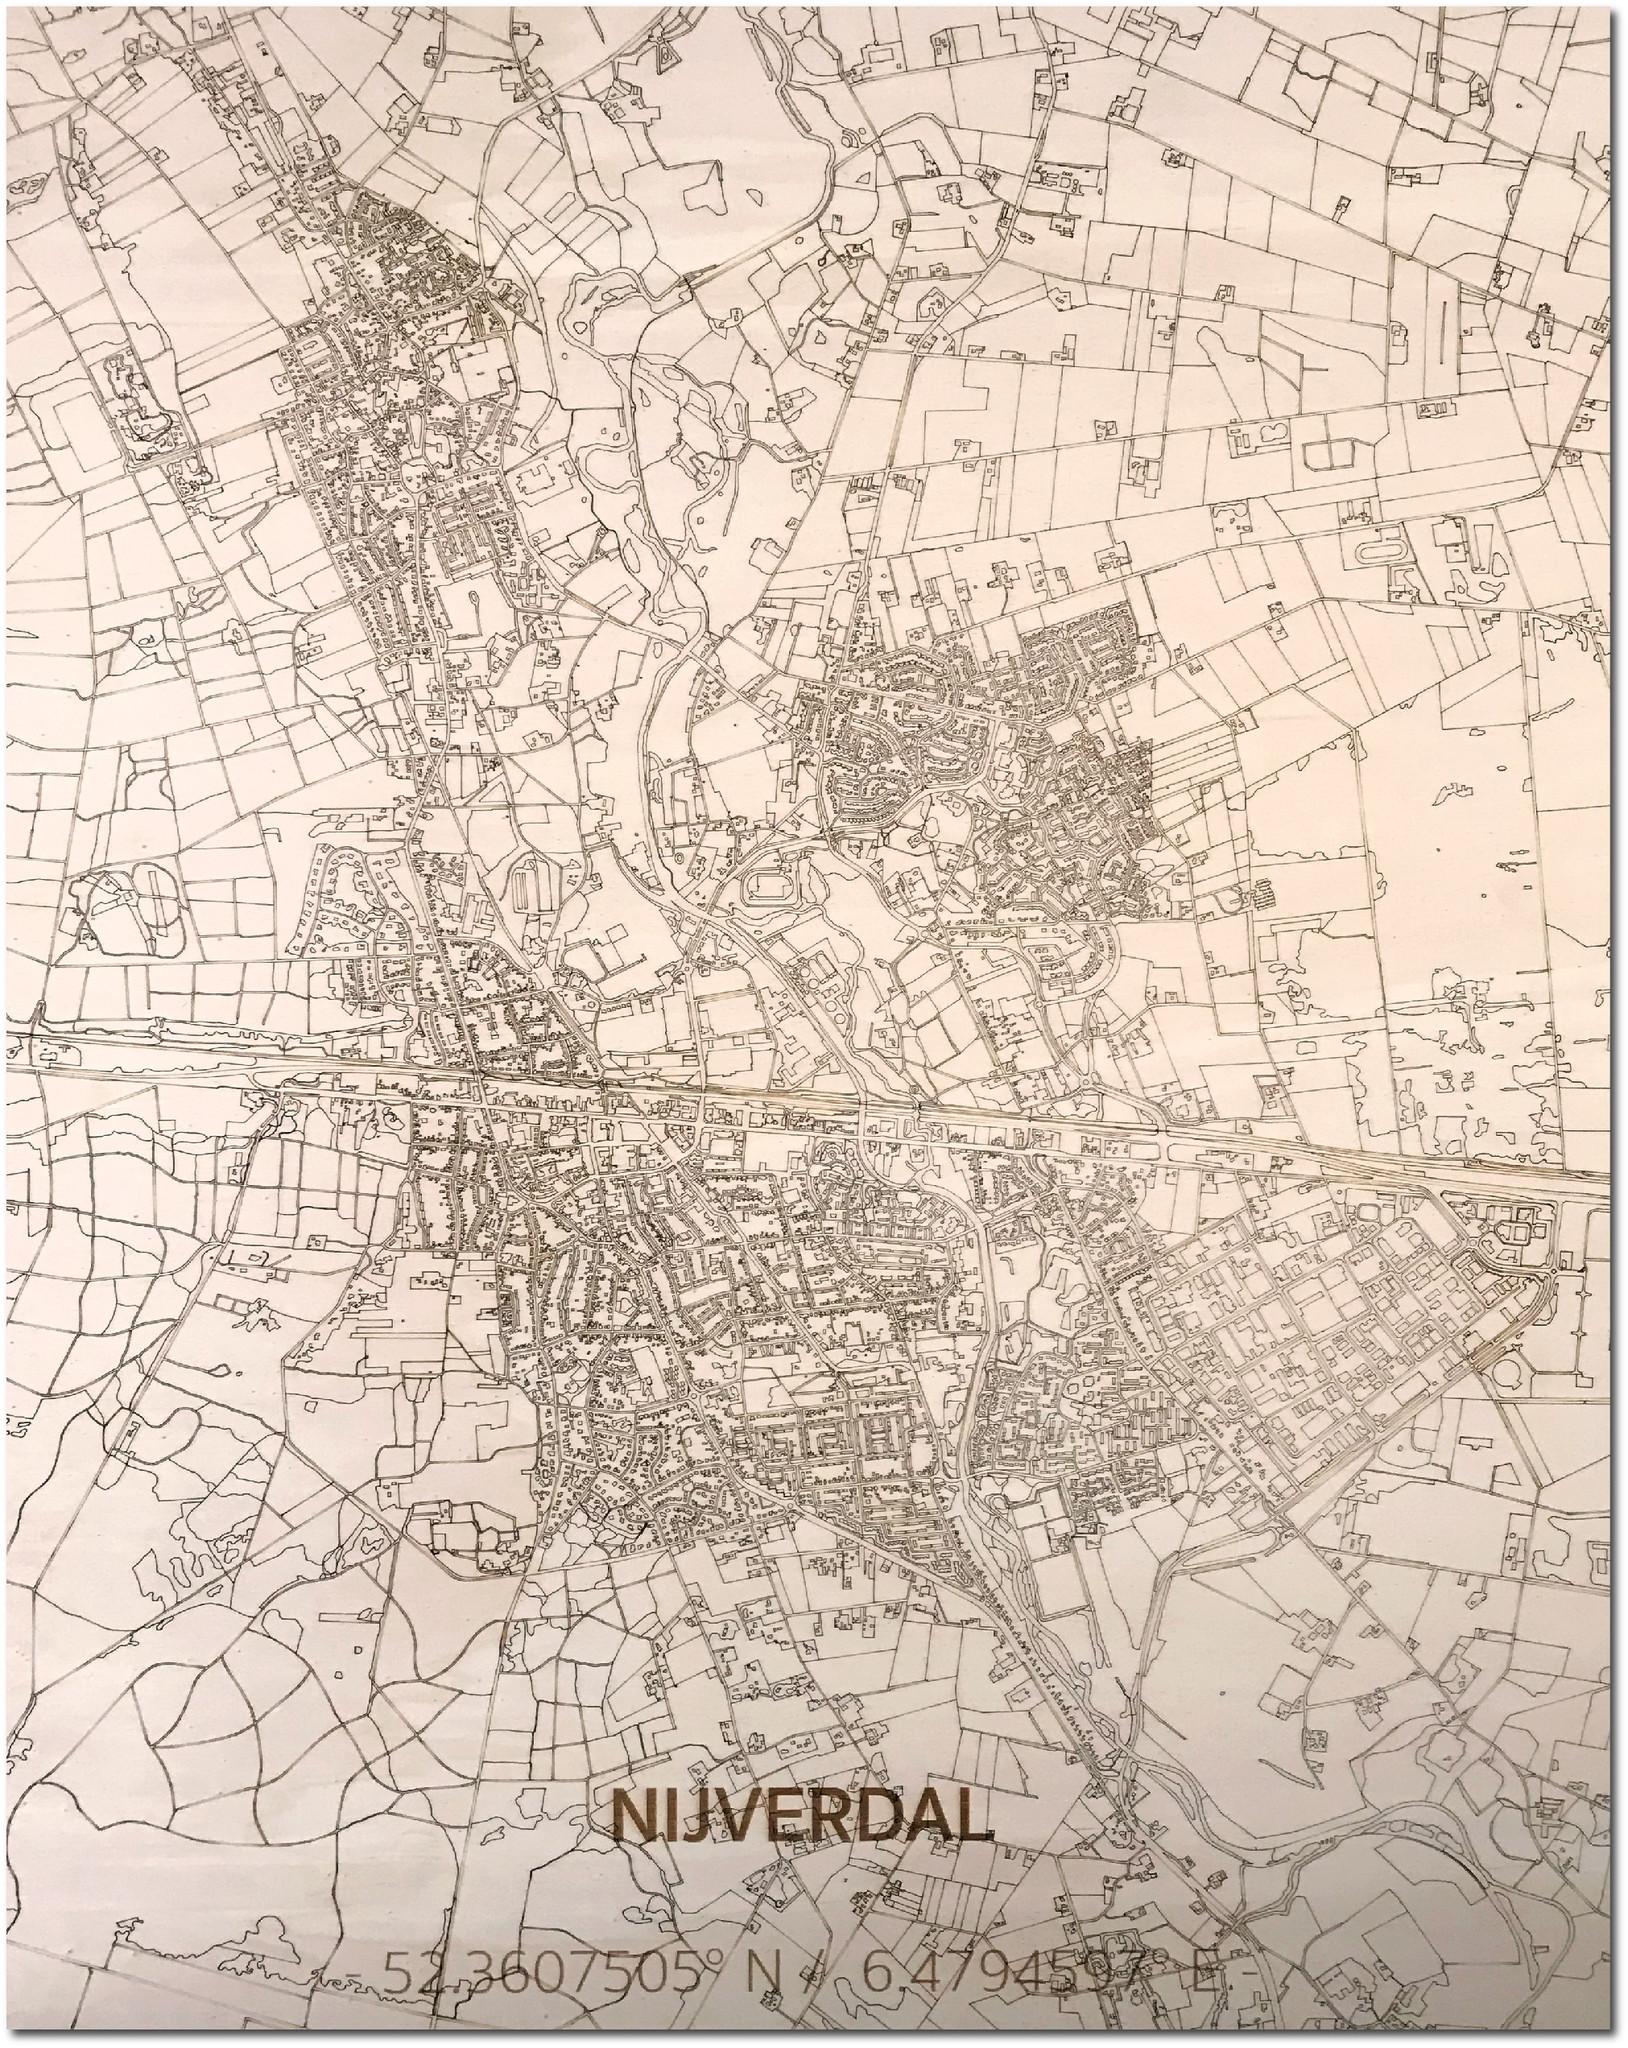 HOUTEN WANDDECORATIE Nijverdal CITYMAP-1